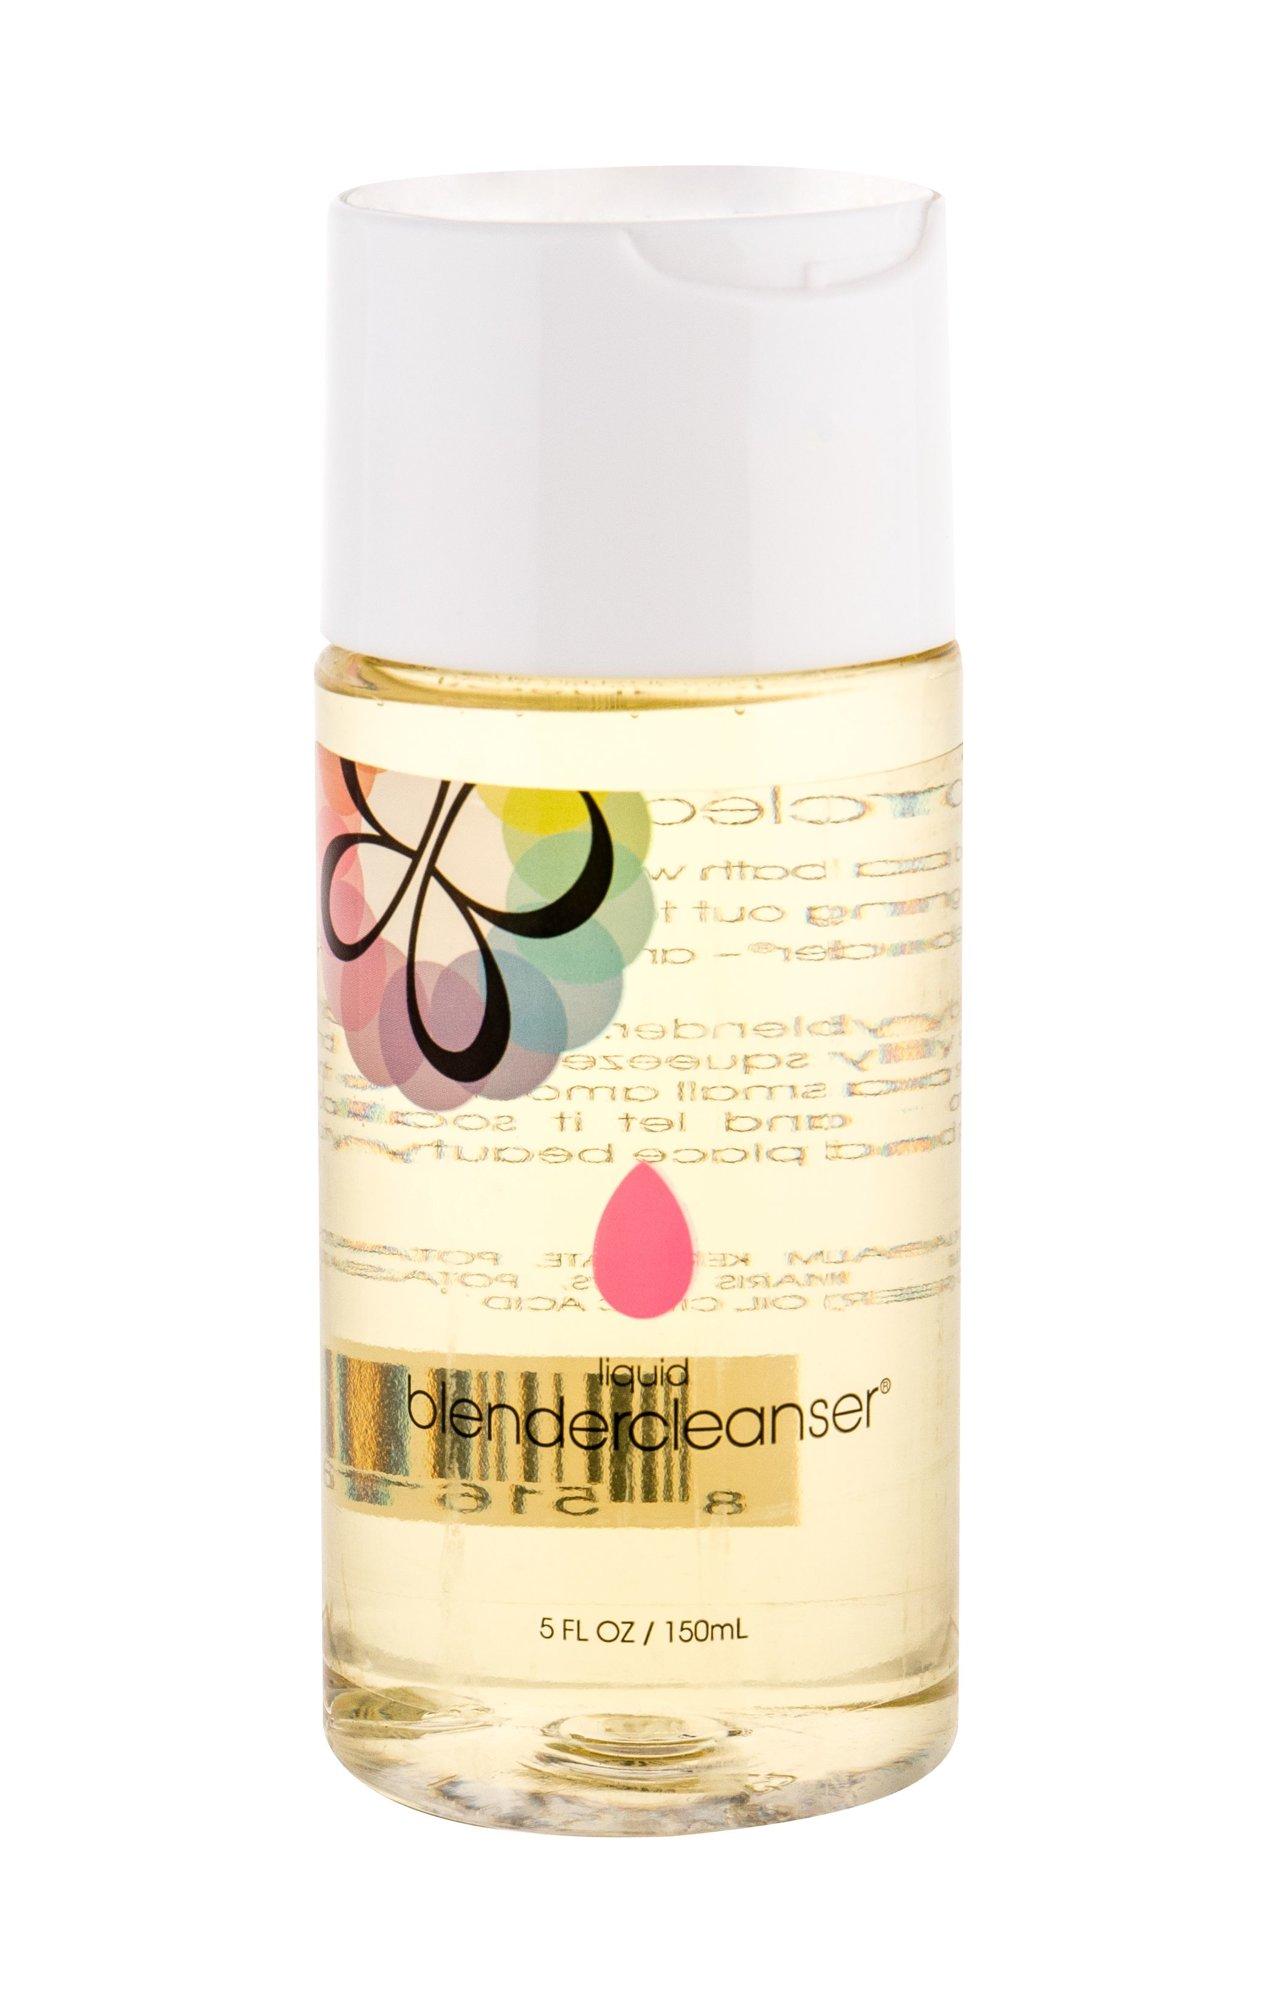 beautyblender cleanser Applicator 150ml